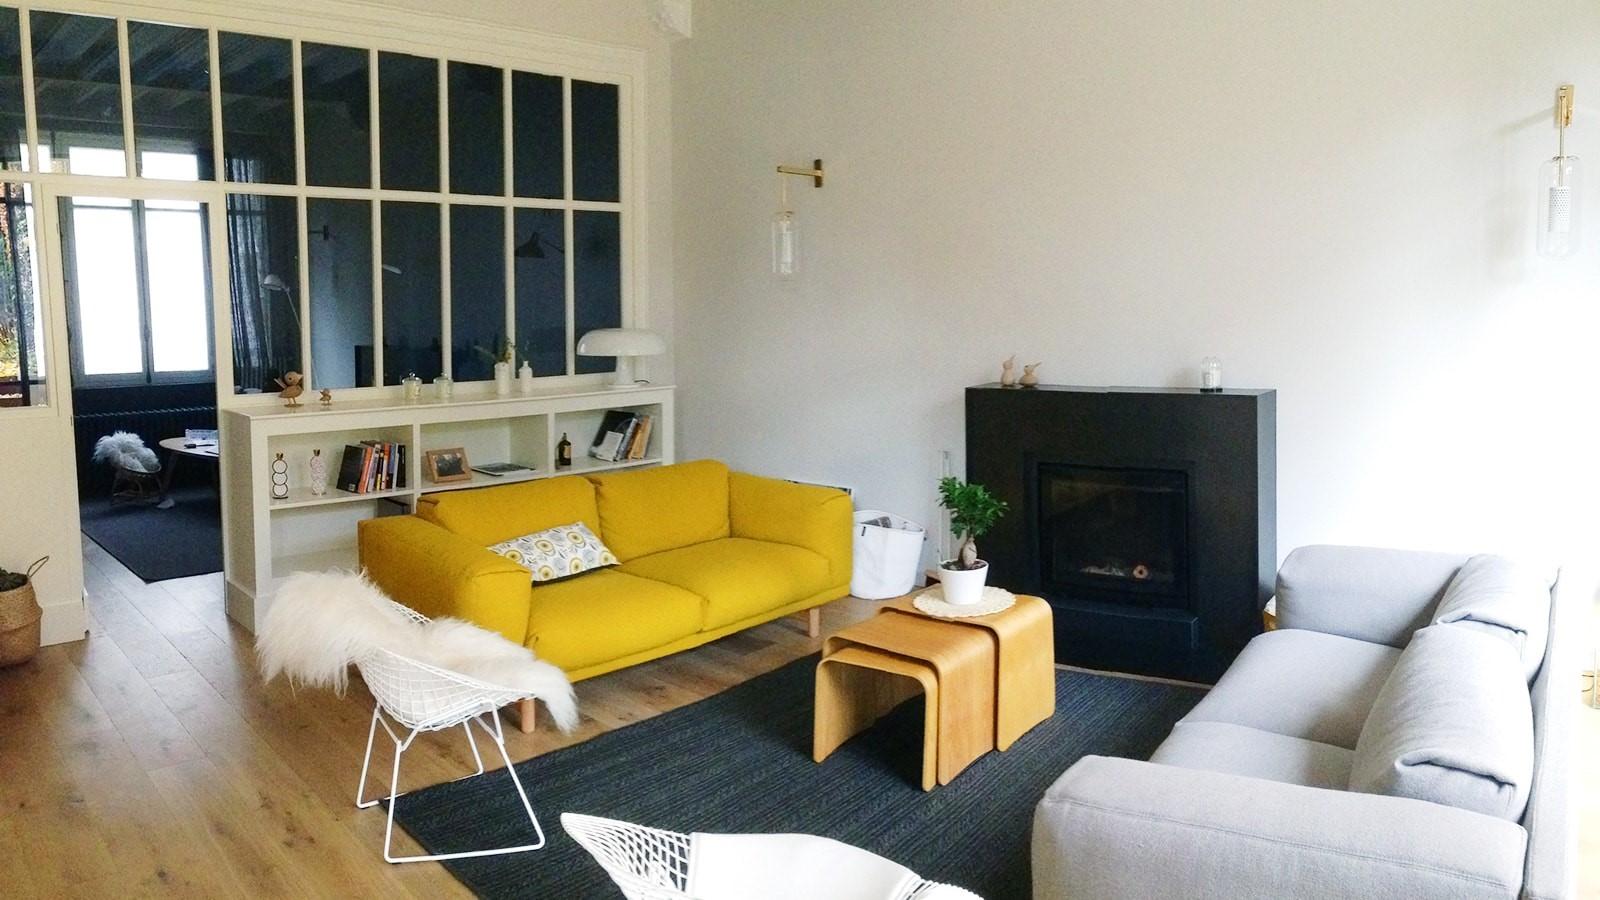 Maison Particuliere Nantes Efi Design (3)